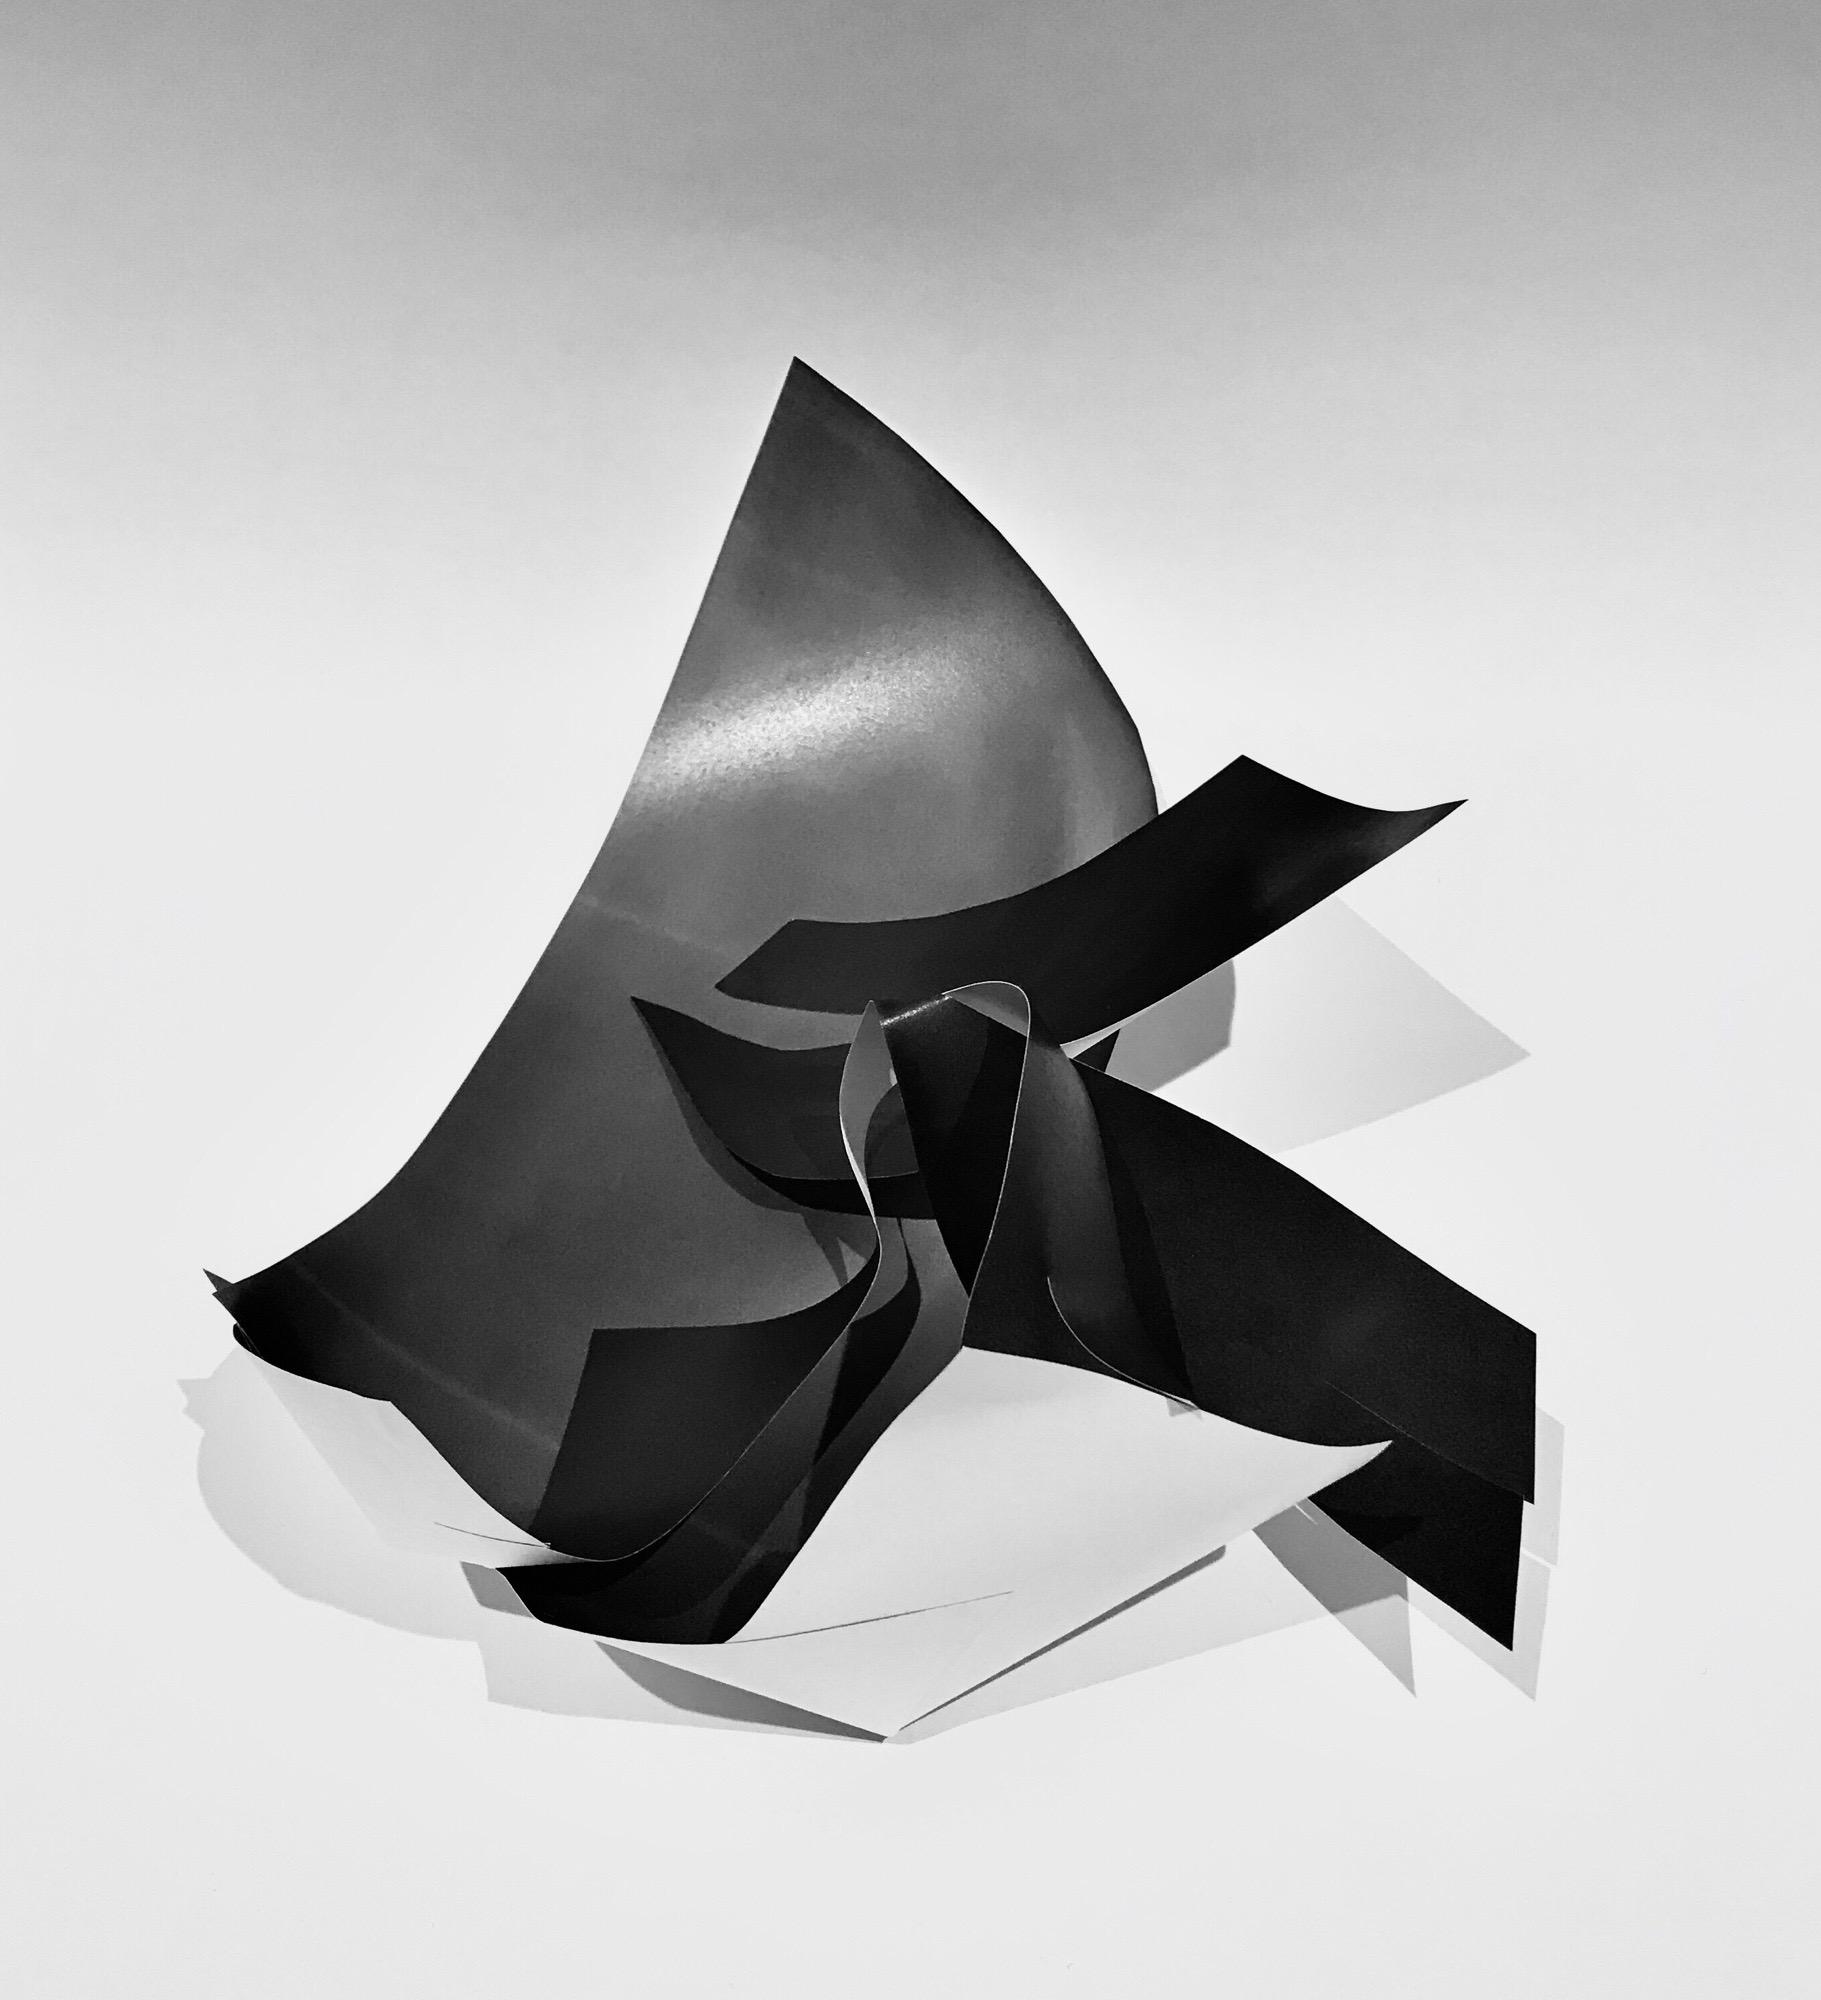 © Neeti Kumar, Paper Flesh, 2020